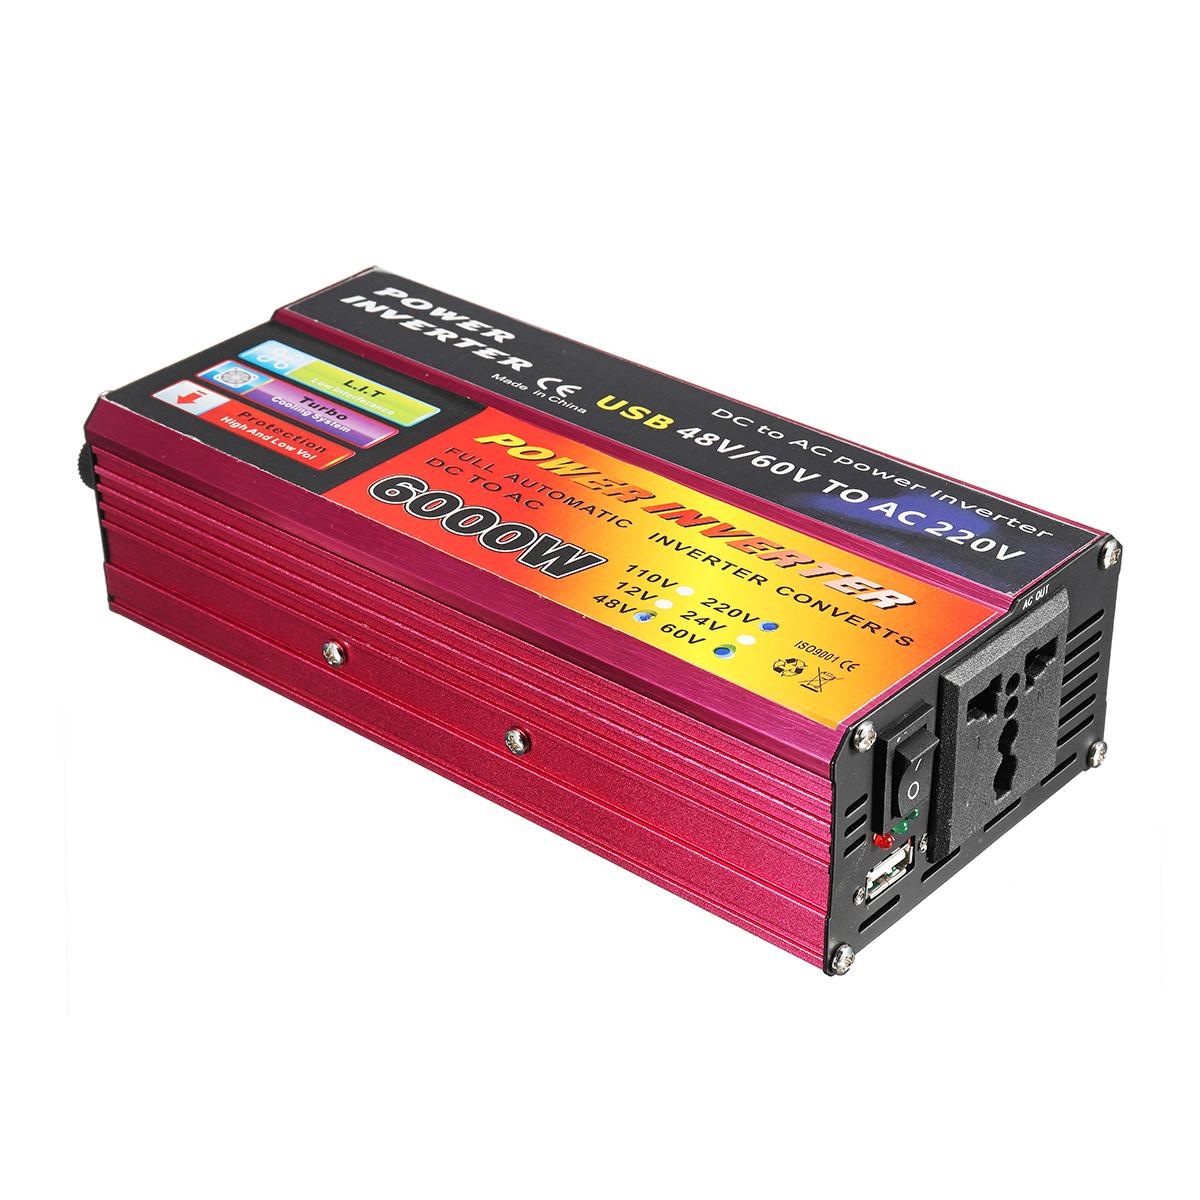 DC 12V/24V/48V/60V to AC 110V/220V 6000W Peak Power Inverter Modified Sine Wave Convert